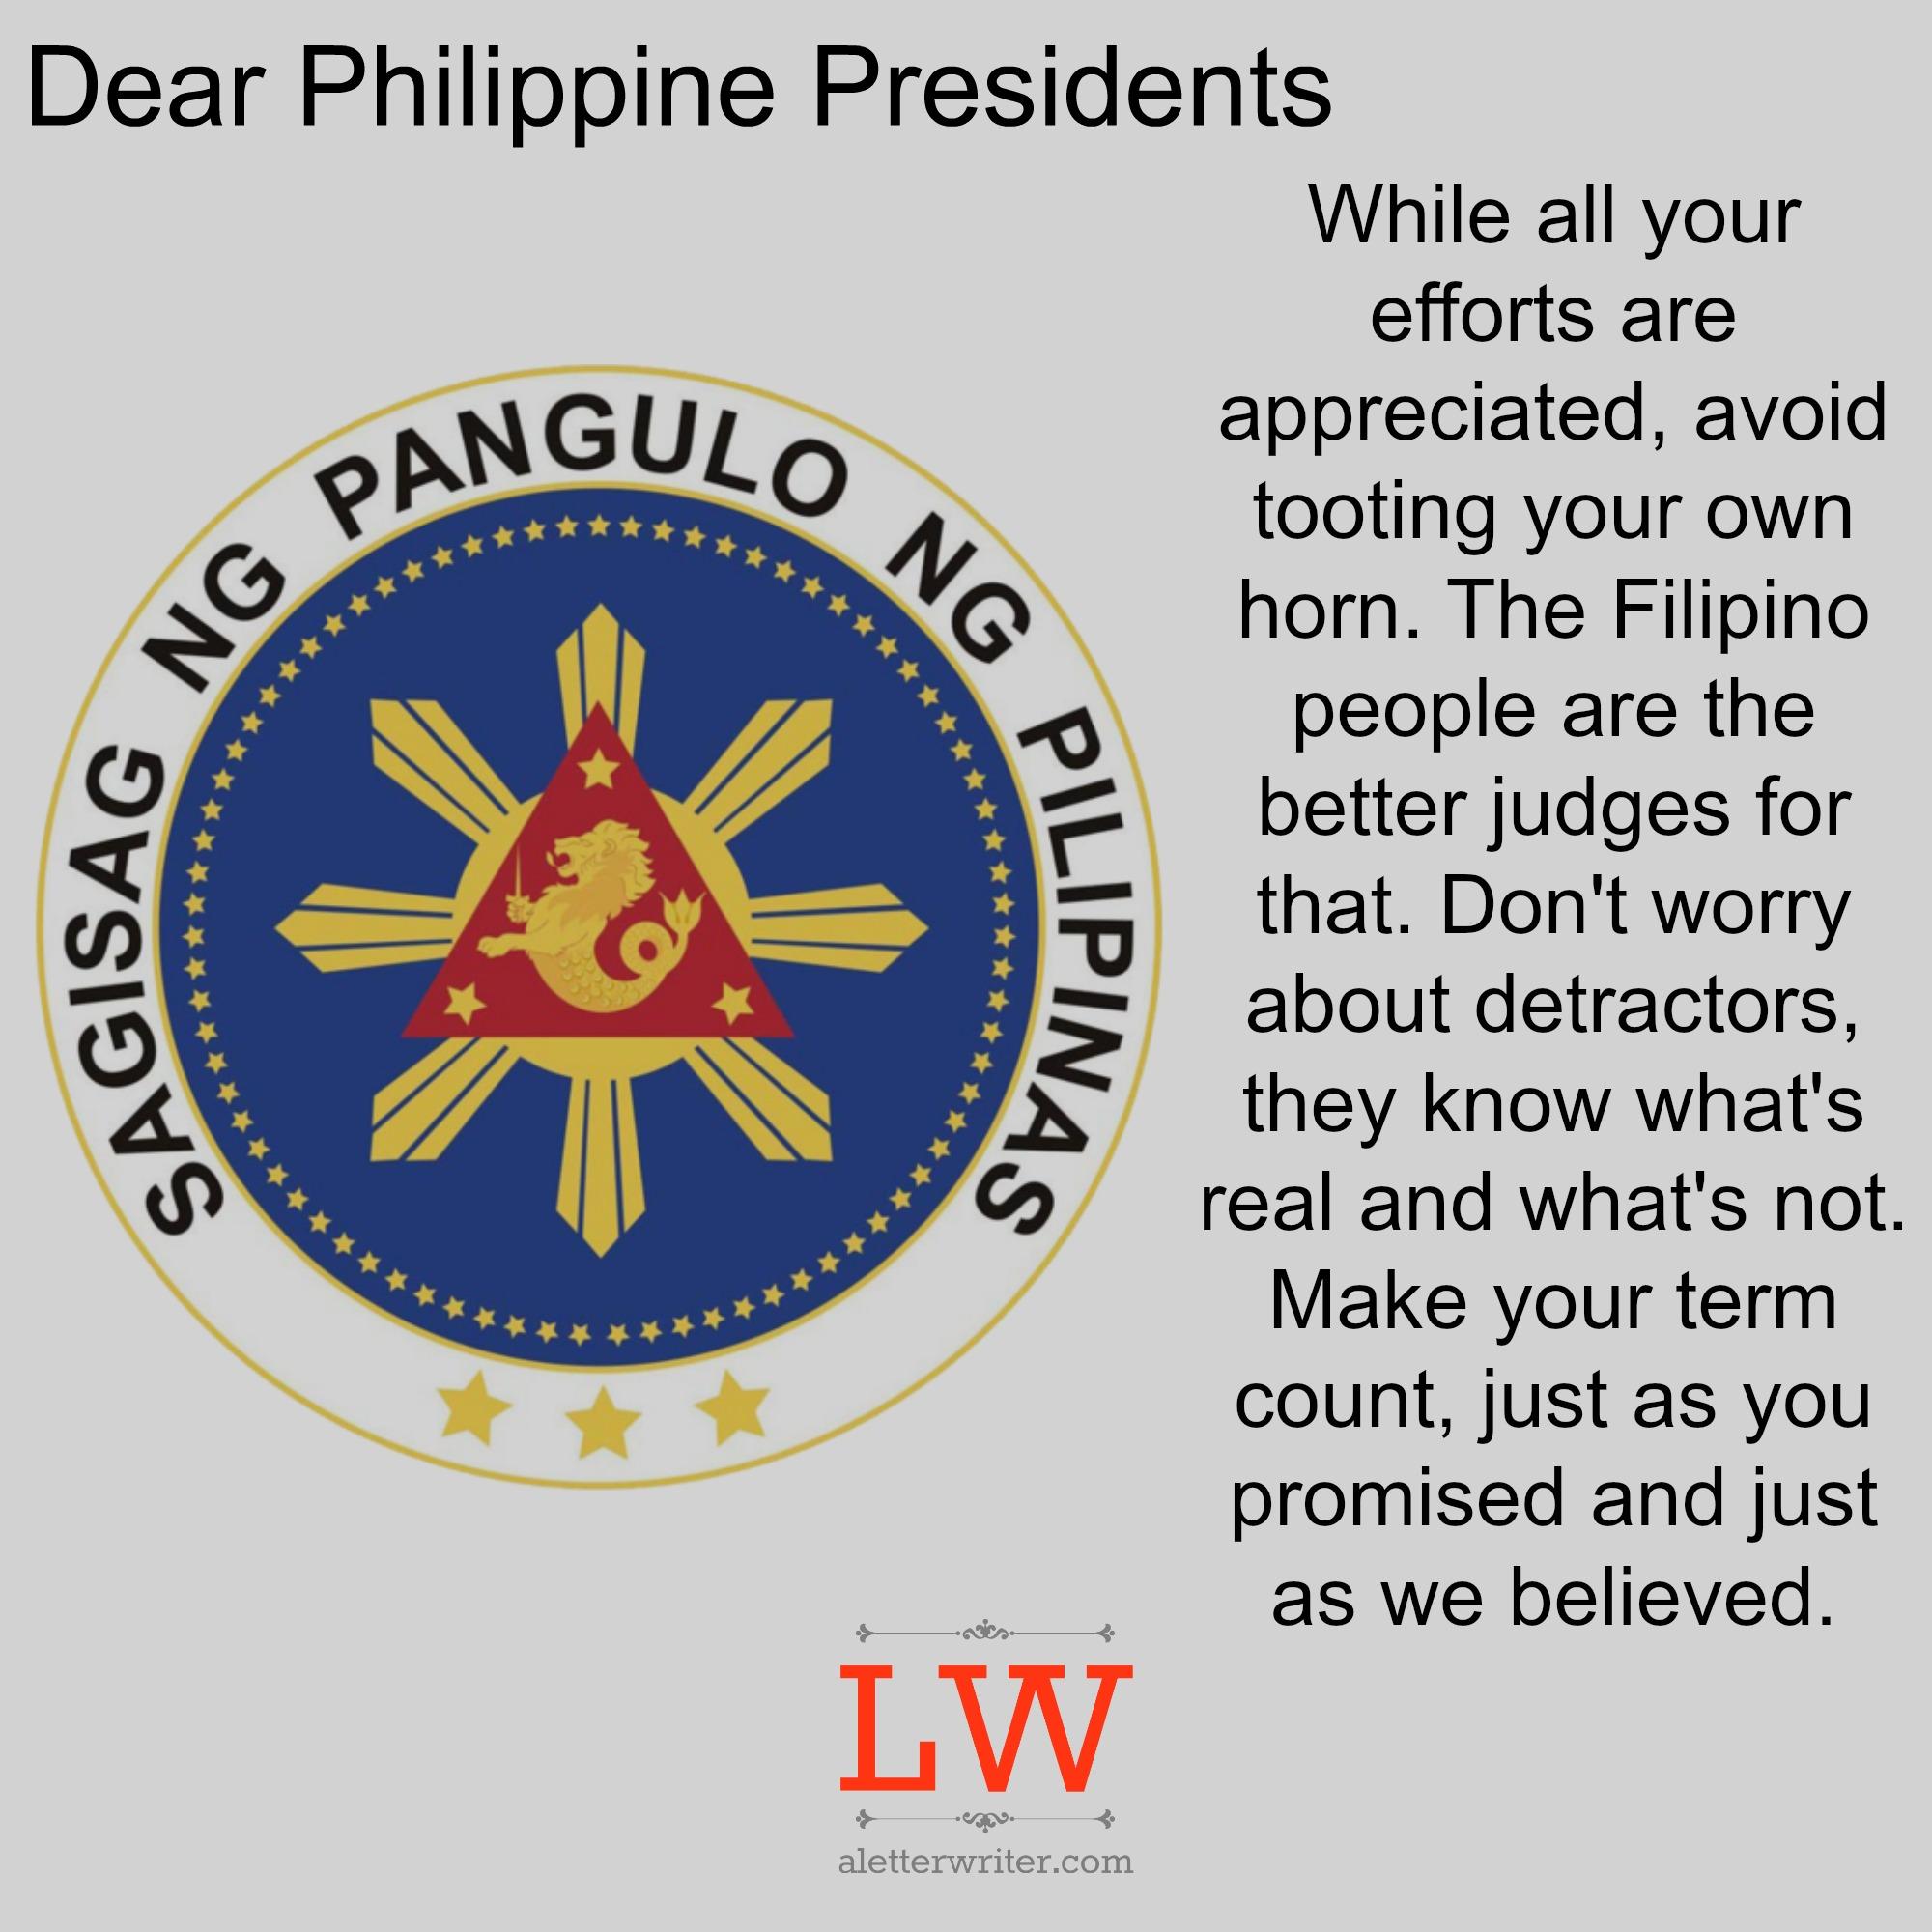 philippine-presidents